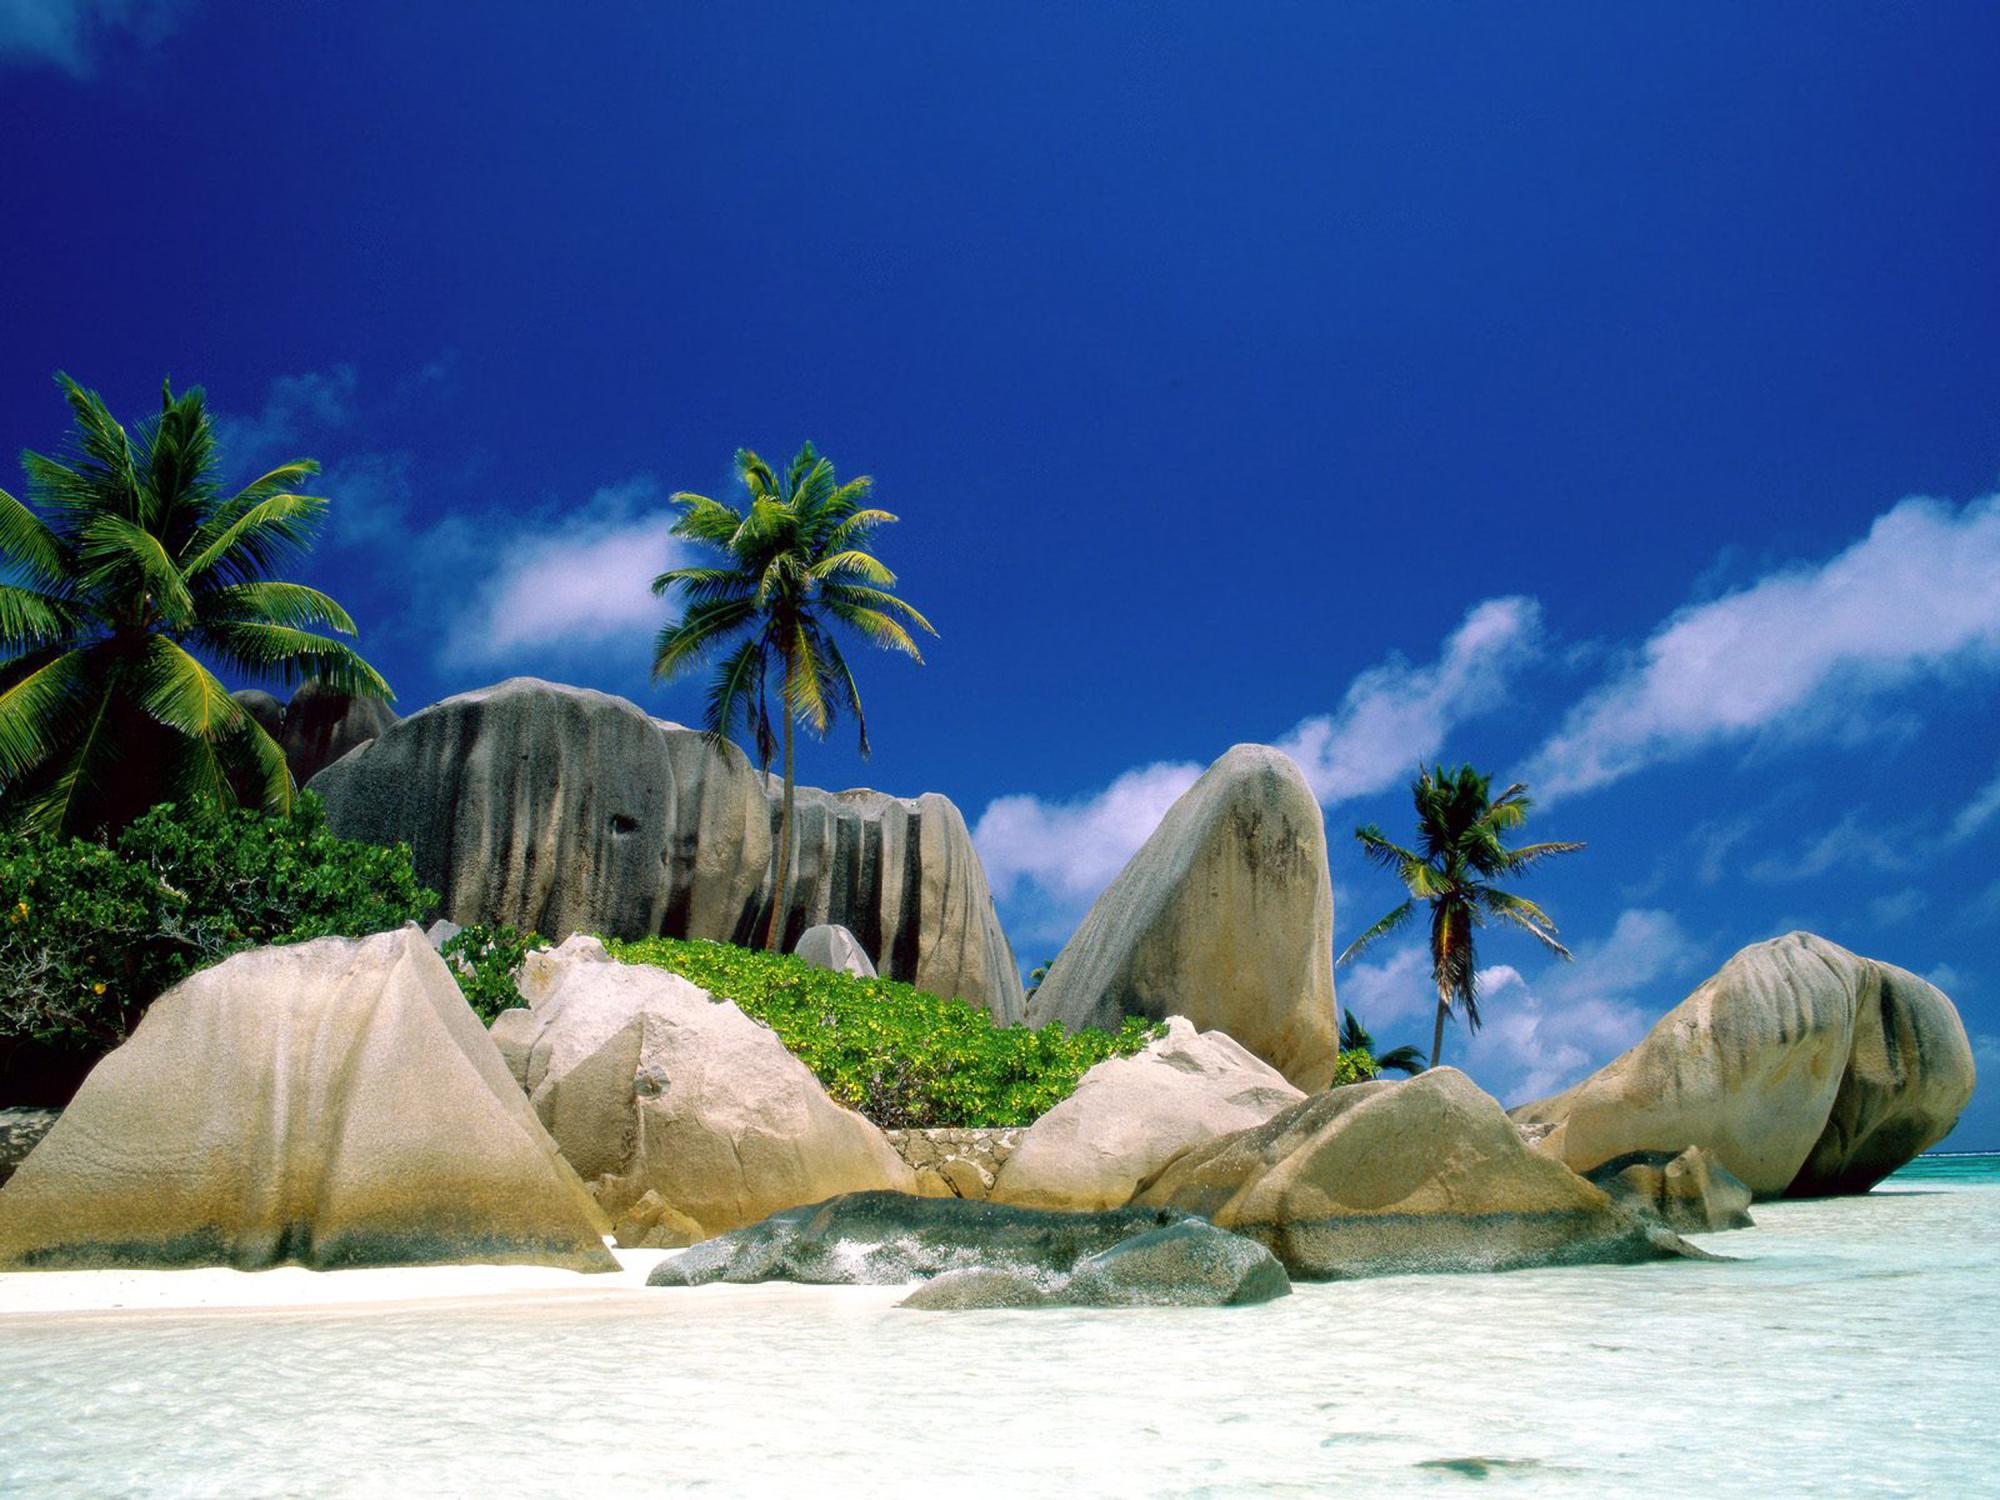 海南风景图片高清大全